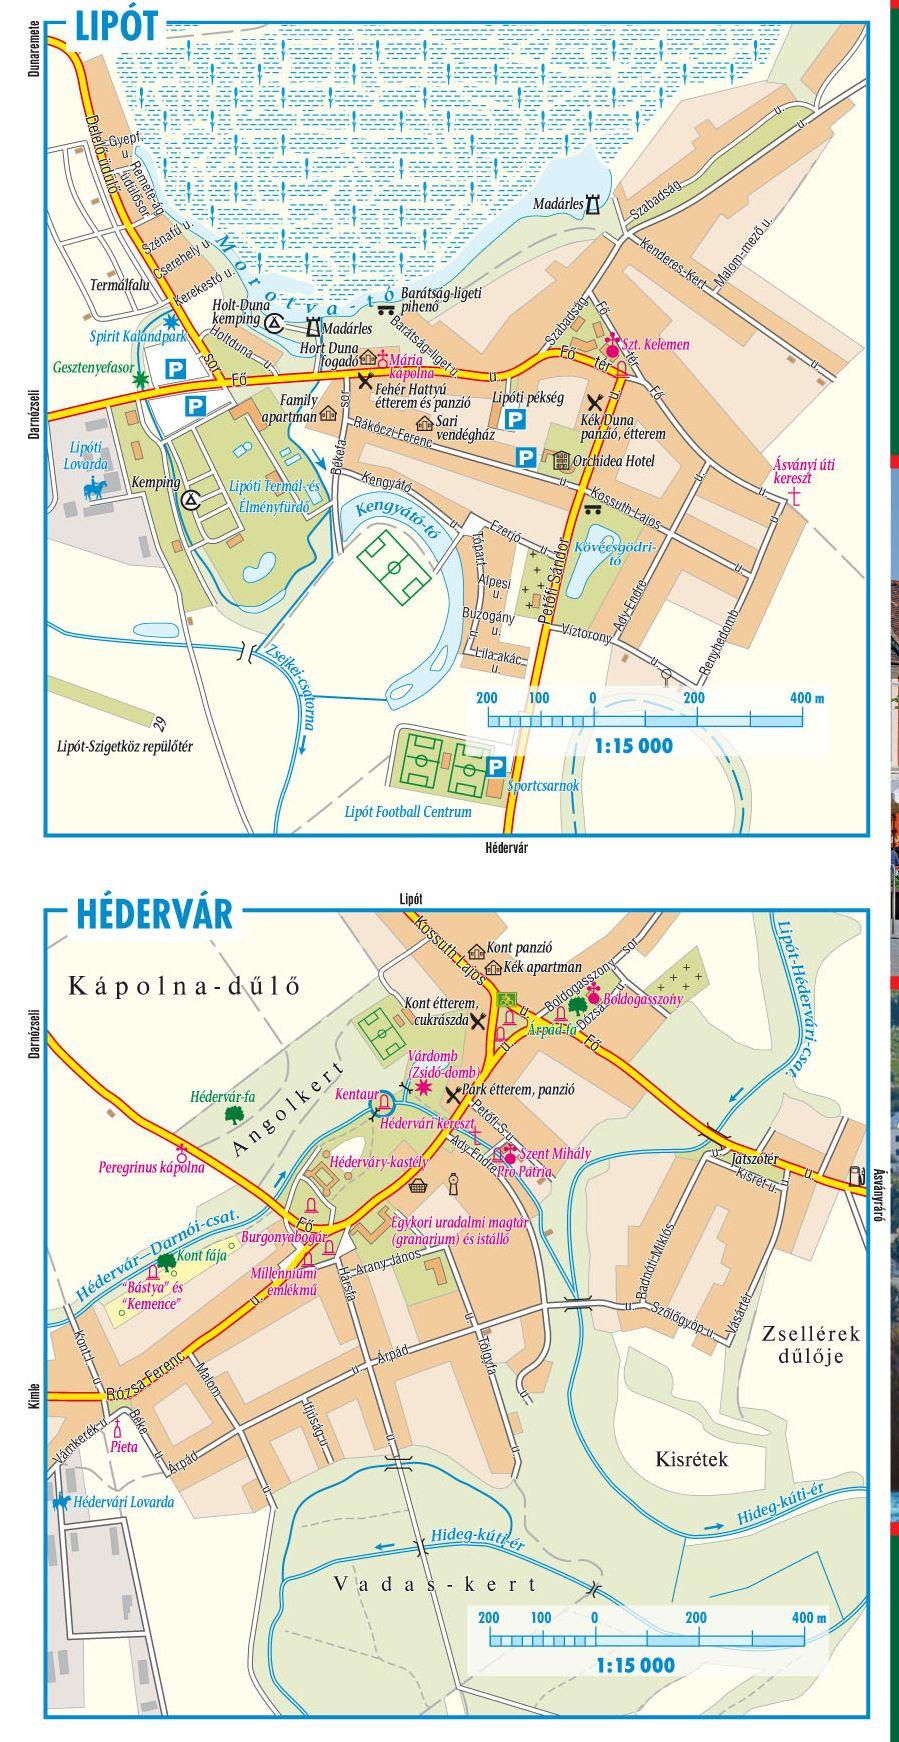 Szigetköz-Hanság mintakivágat 1:15.000 (Lipót)